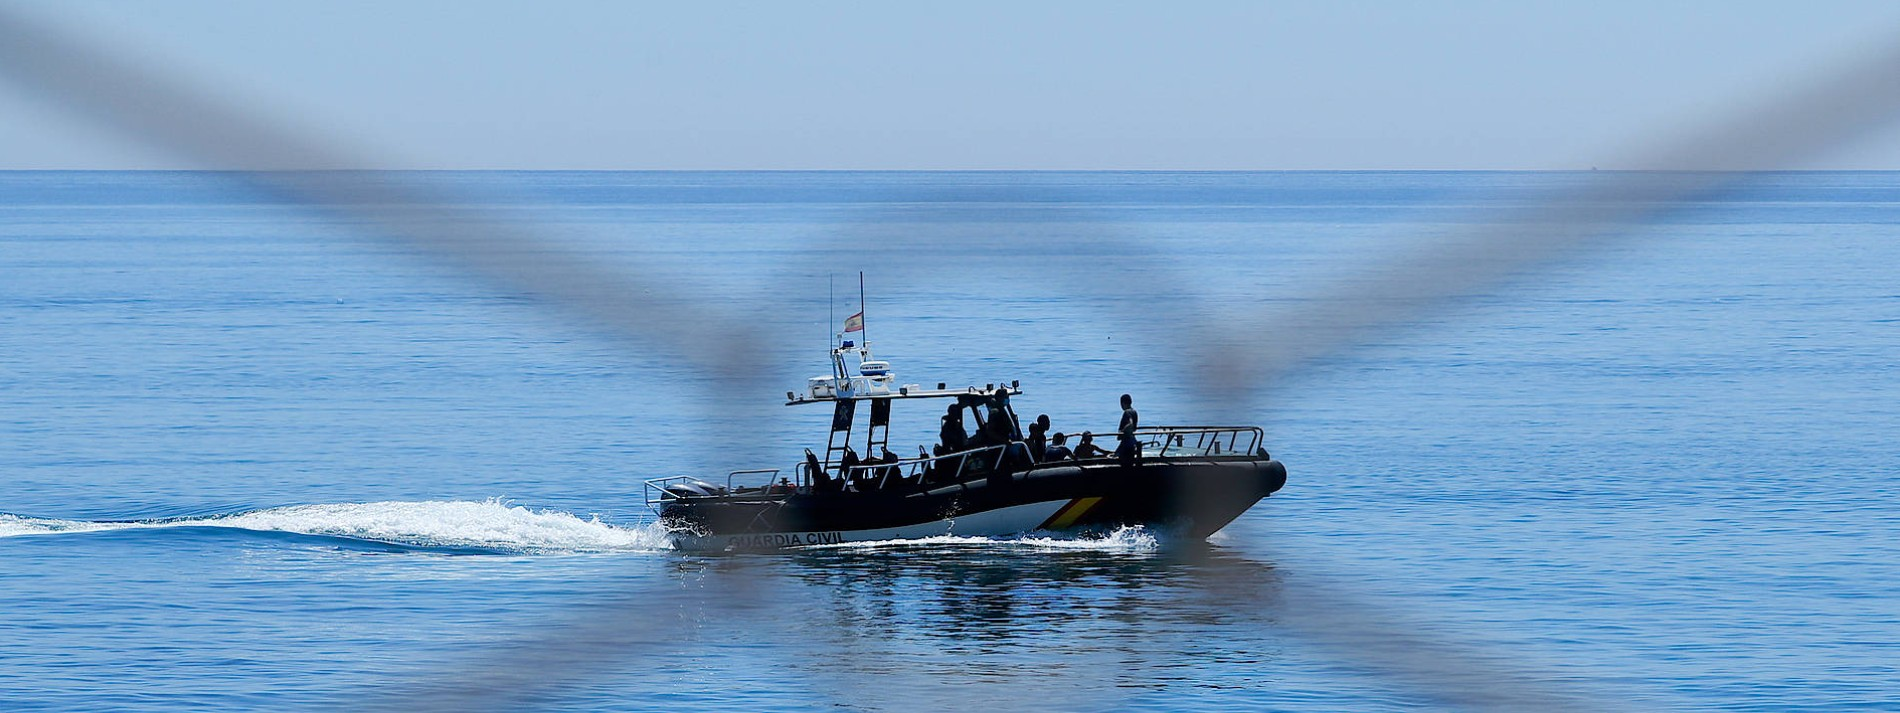 Fähre überfährt Schlauchboot vor der Küste Ibizas